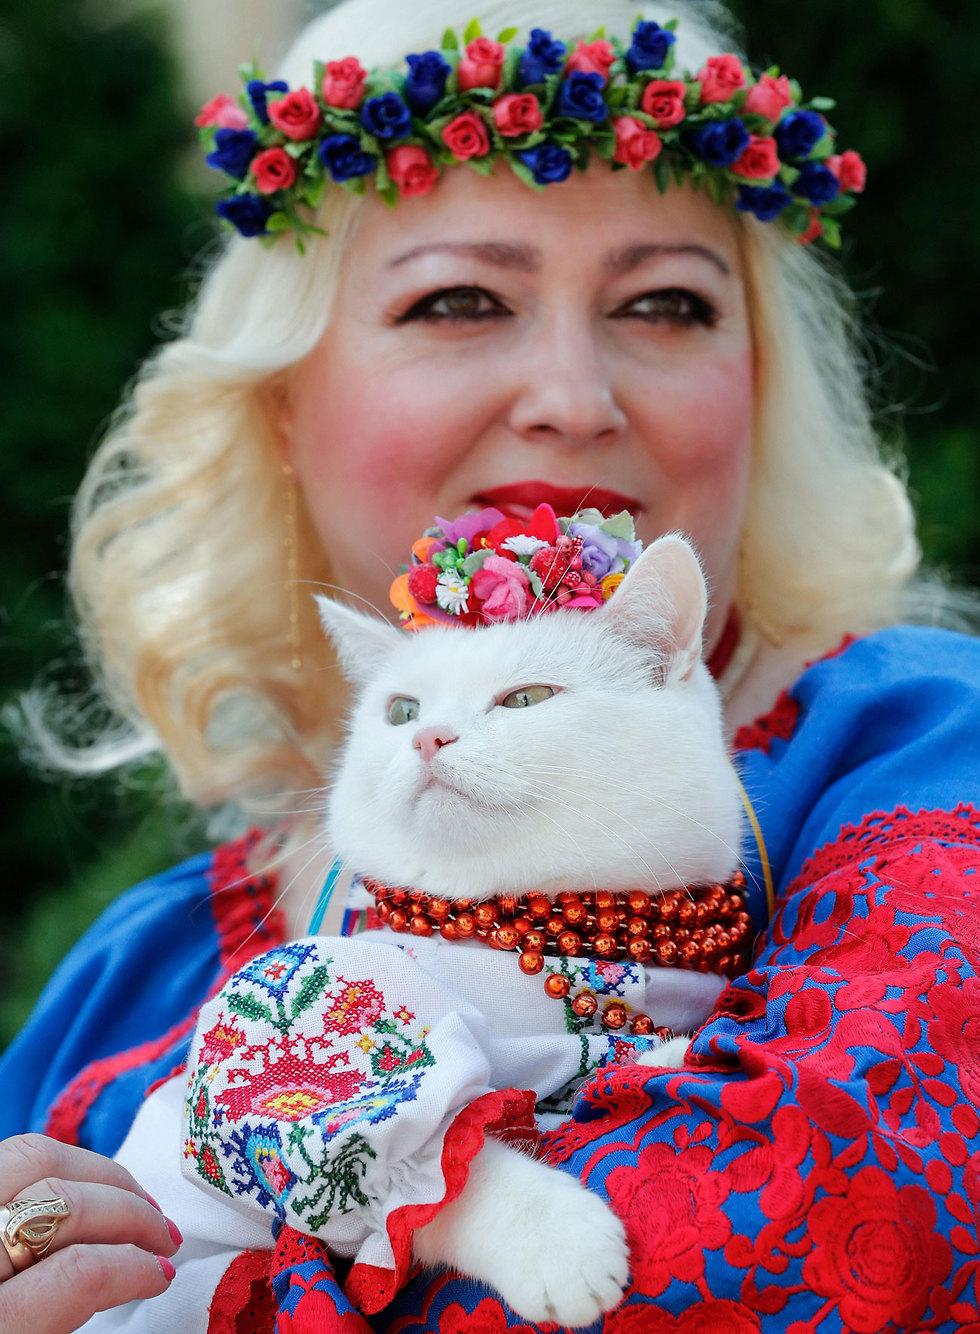 אישה אוקראינית וחתולתה לובשות בגד סלבי מסורתי בקייב שזוכה באחרונה לפופולריות גדולה במדינה (צילום: EPA)